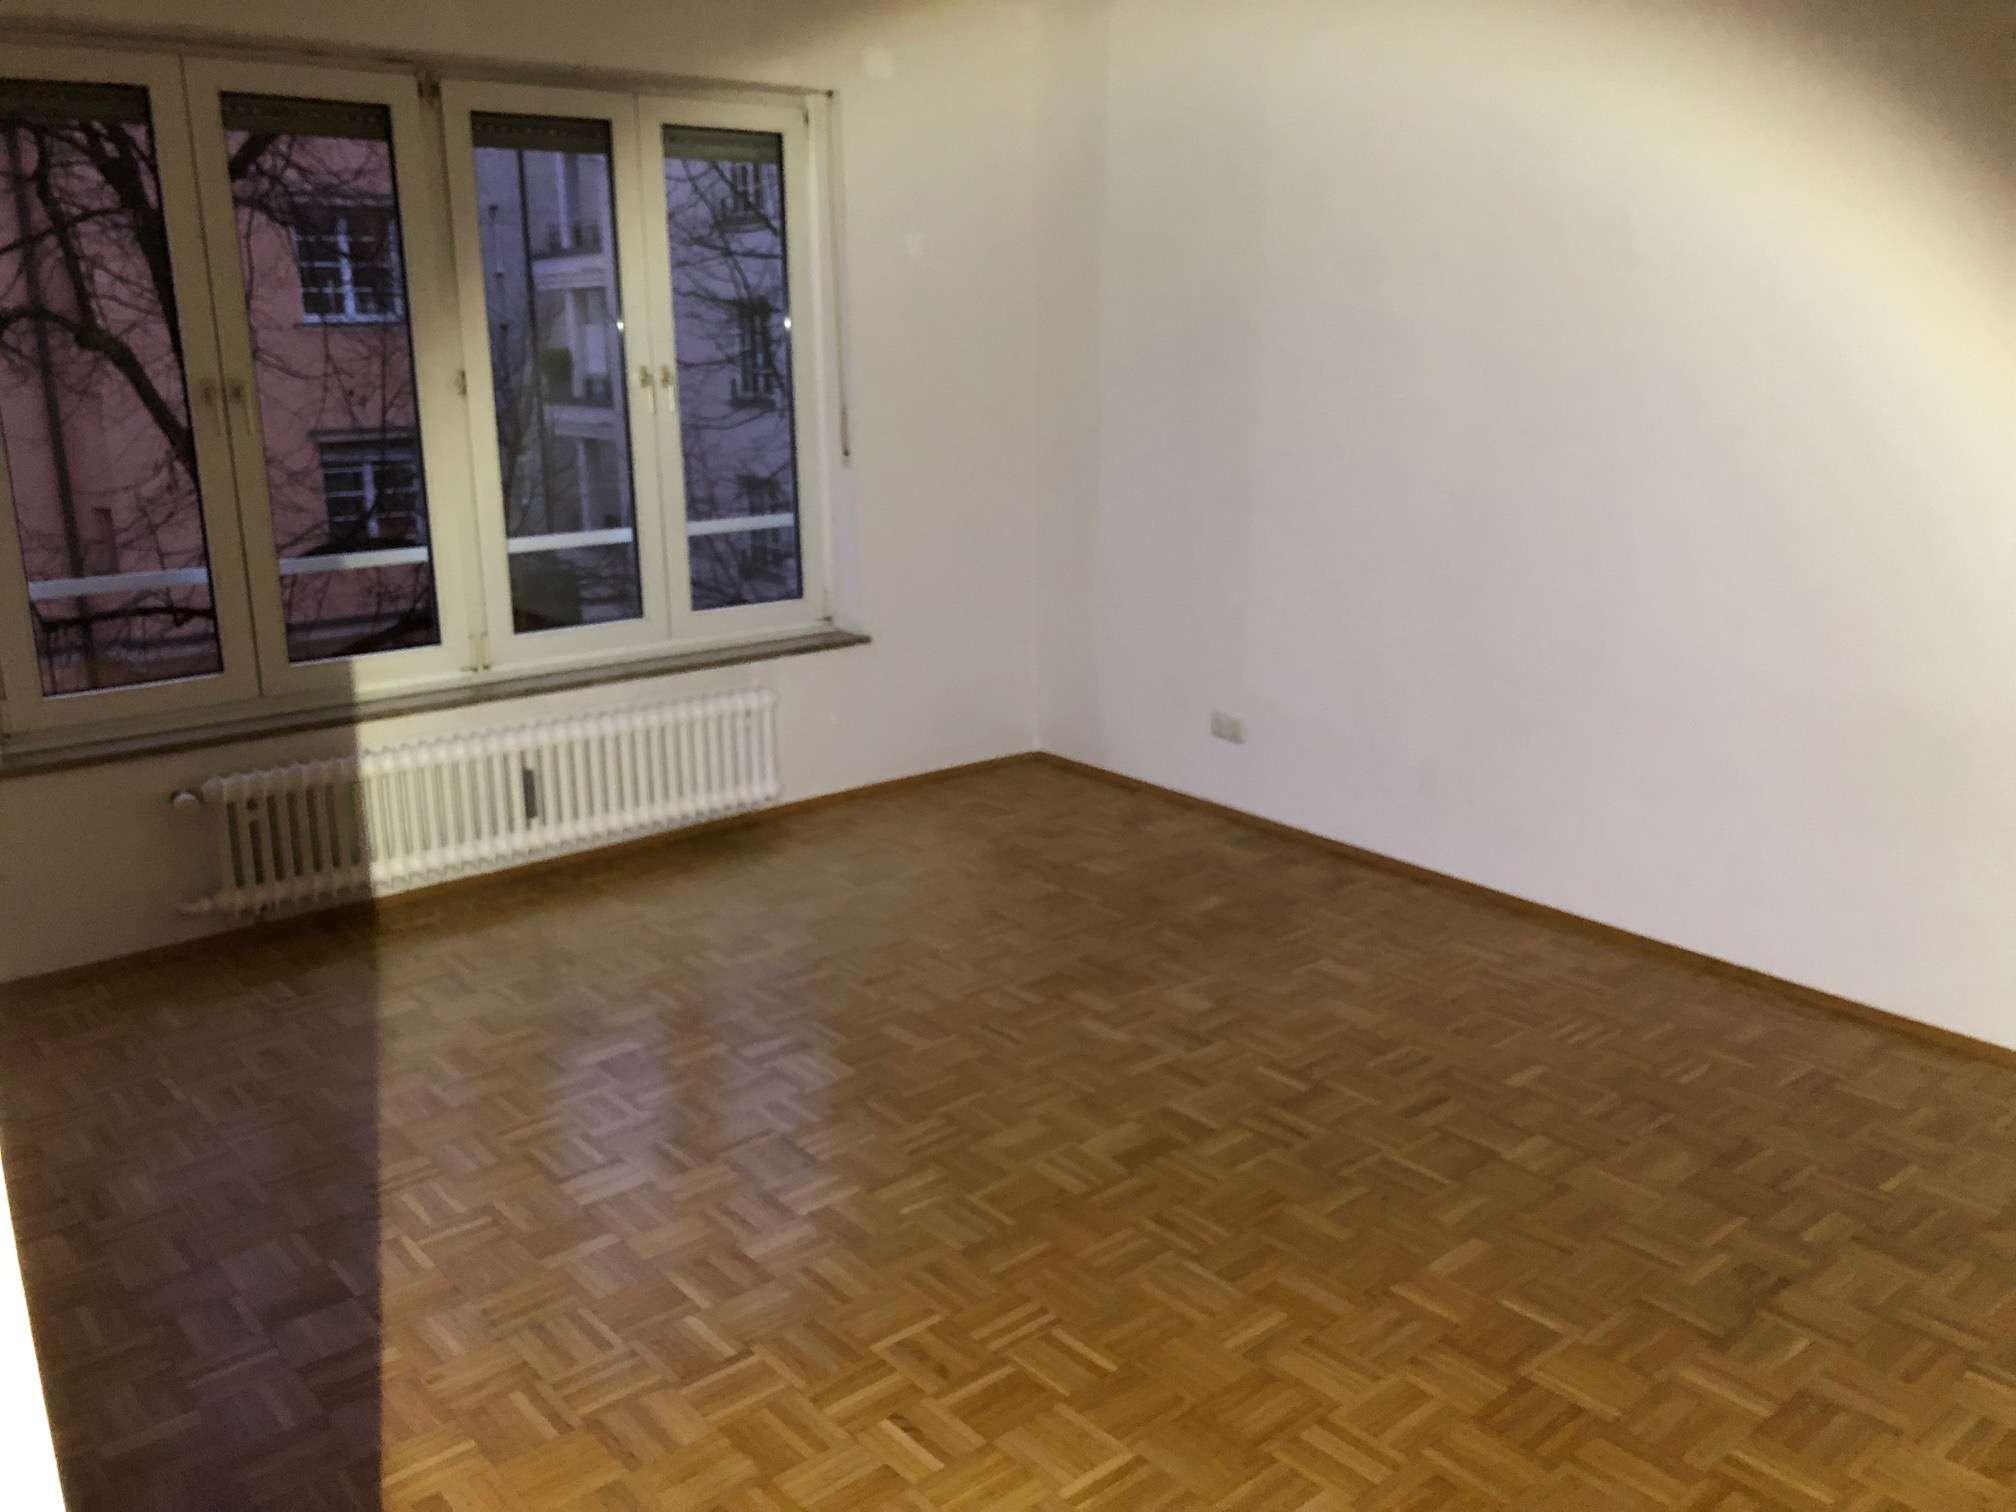 Großzügiges Appartement ab sofort zu vermieten in Schwabing-West (München)